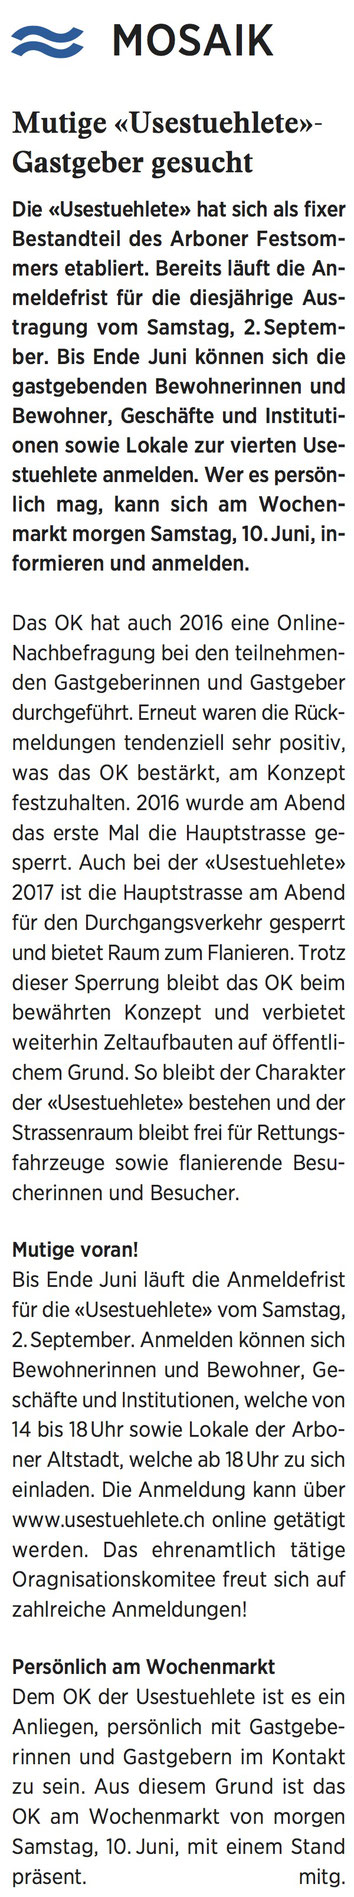 Wochenzeitung felix, 09.06.2017